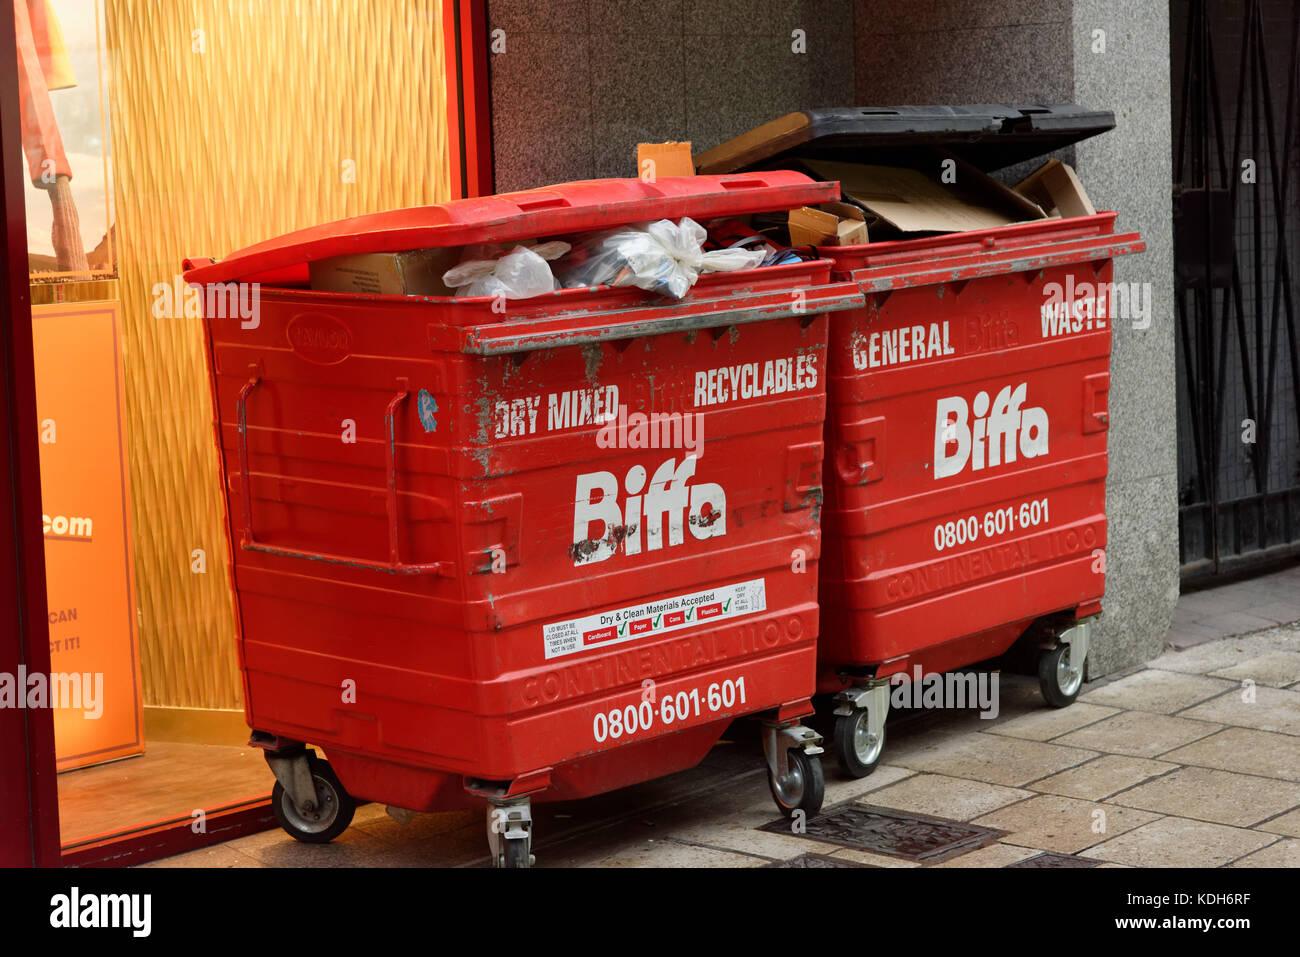 La collecte des bacs poubelles biffa gestion des déchets ordures poubelle corbeille Photo Stock